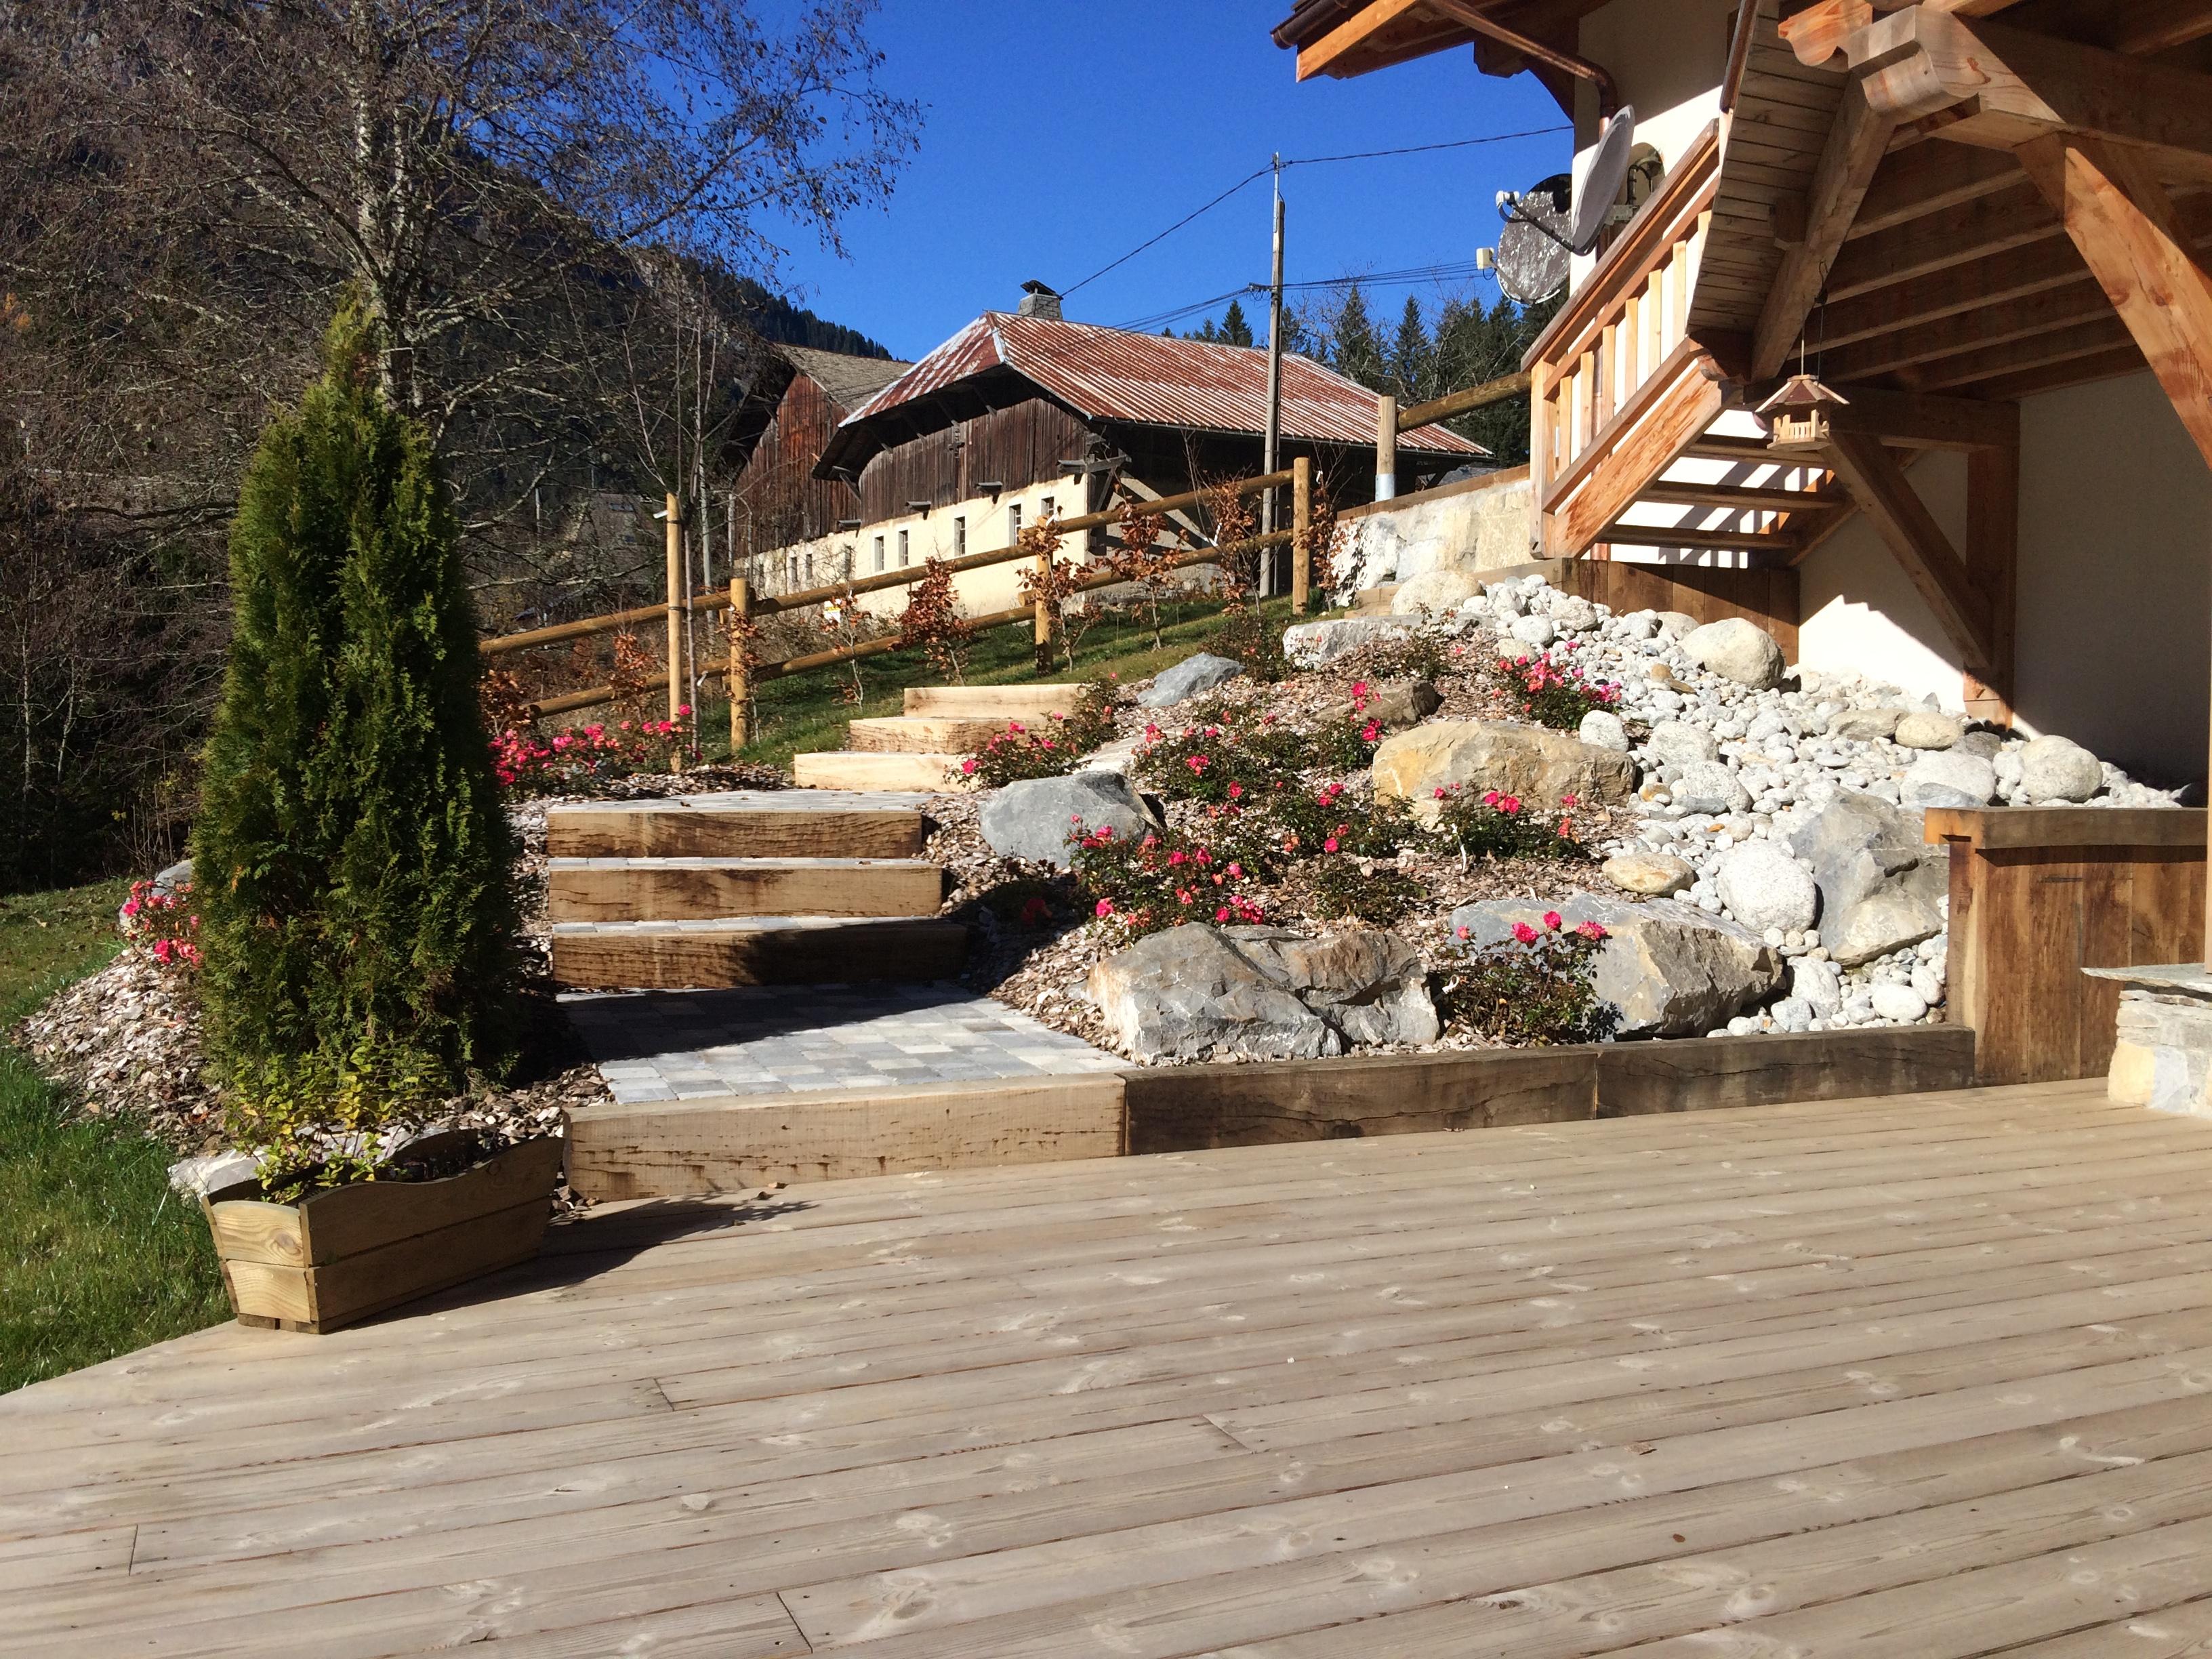 Escalier, rocaille, plancher, clôture